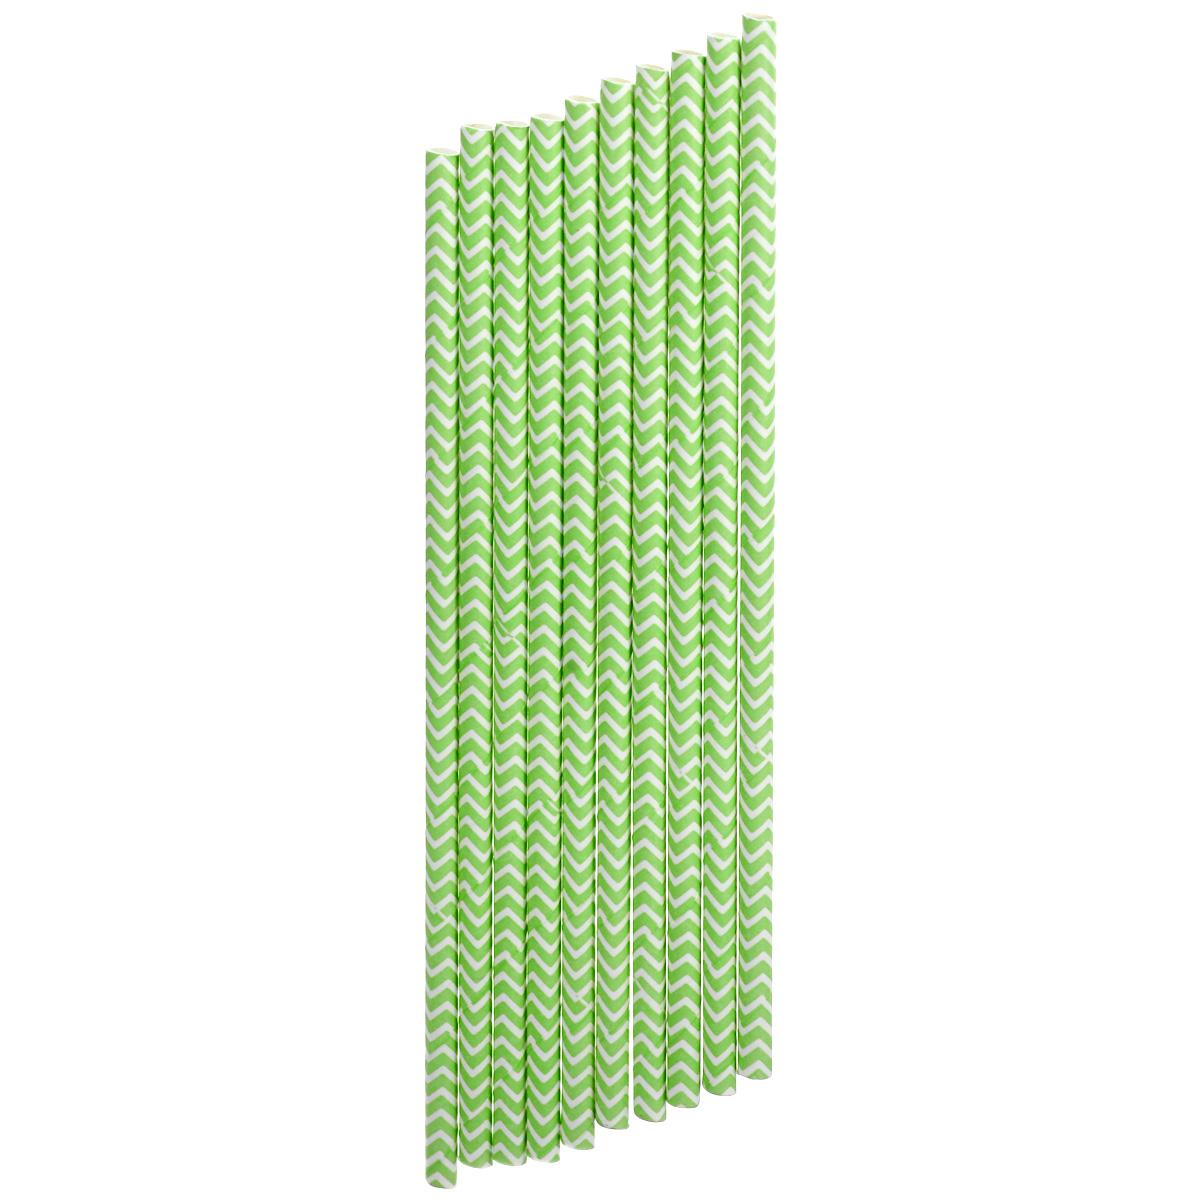 Набор бумажных трубочек Dolce Arti Шеврон, цвет: ярко-зеленый, 10 штVT-1520(SR)Набор Dolce Arti Шеврон состоит из 10 бумажных трубочек, предназначенных для напитков. Цветные трубочки станут не только эффектным украшением коктейлей, но и ярким штрихом вашего сладкого стола. С набором Dolce Arti Шеврон ваш праздник станет по-настоящему красочным!Длина трубочки: 19,5 см. Диаметр трубочки: 5 мм.